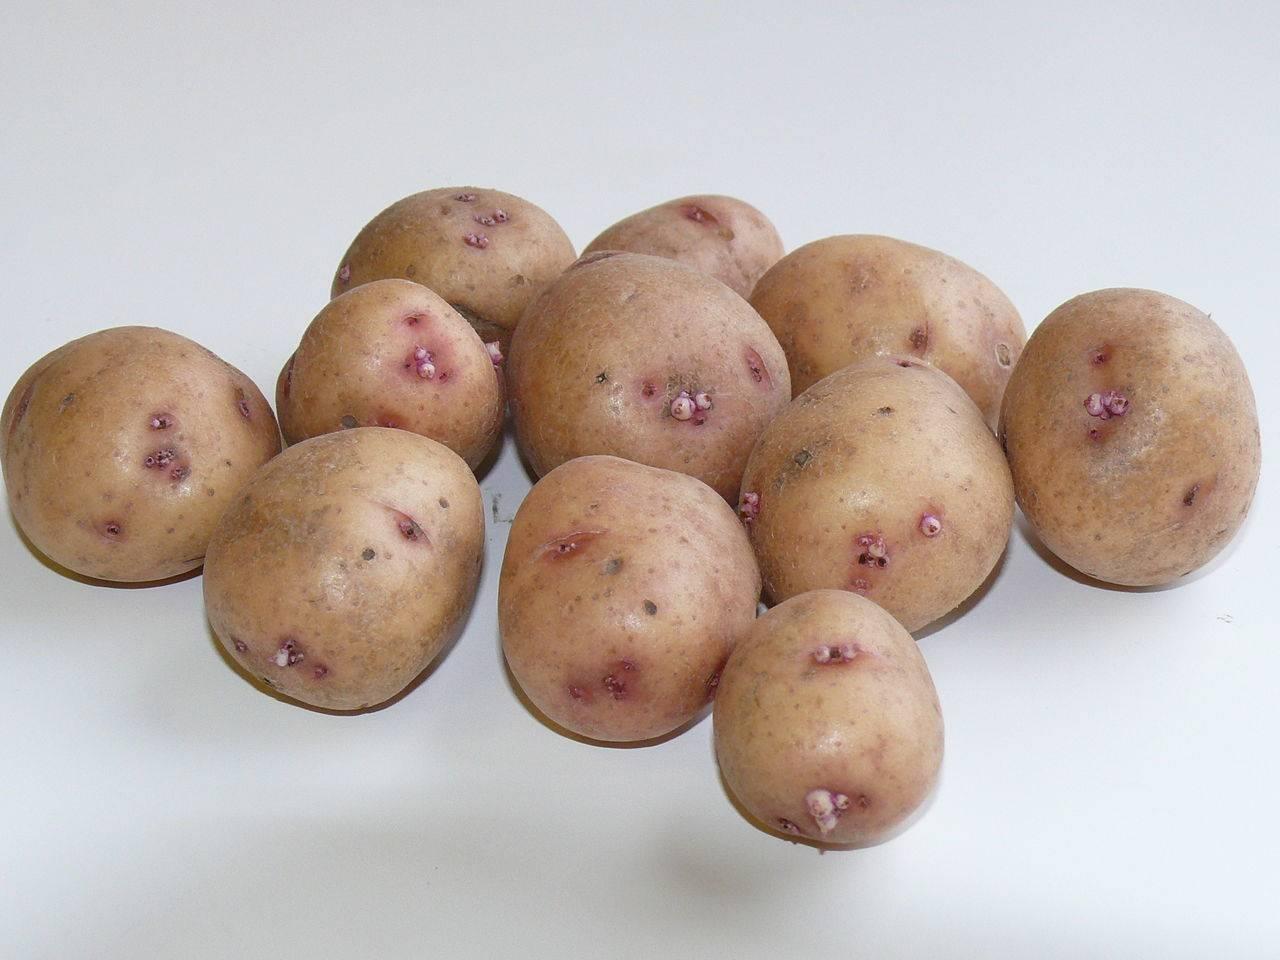 Картофель гулливер: описание и характеристики сорта, посадка и уход, отзывы с фото